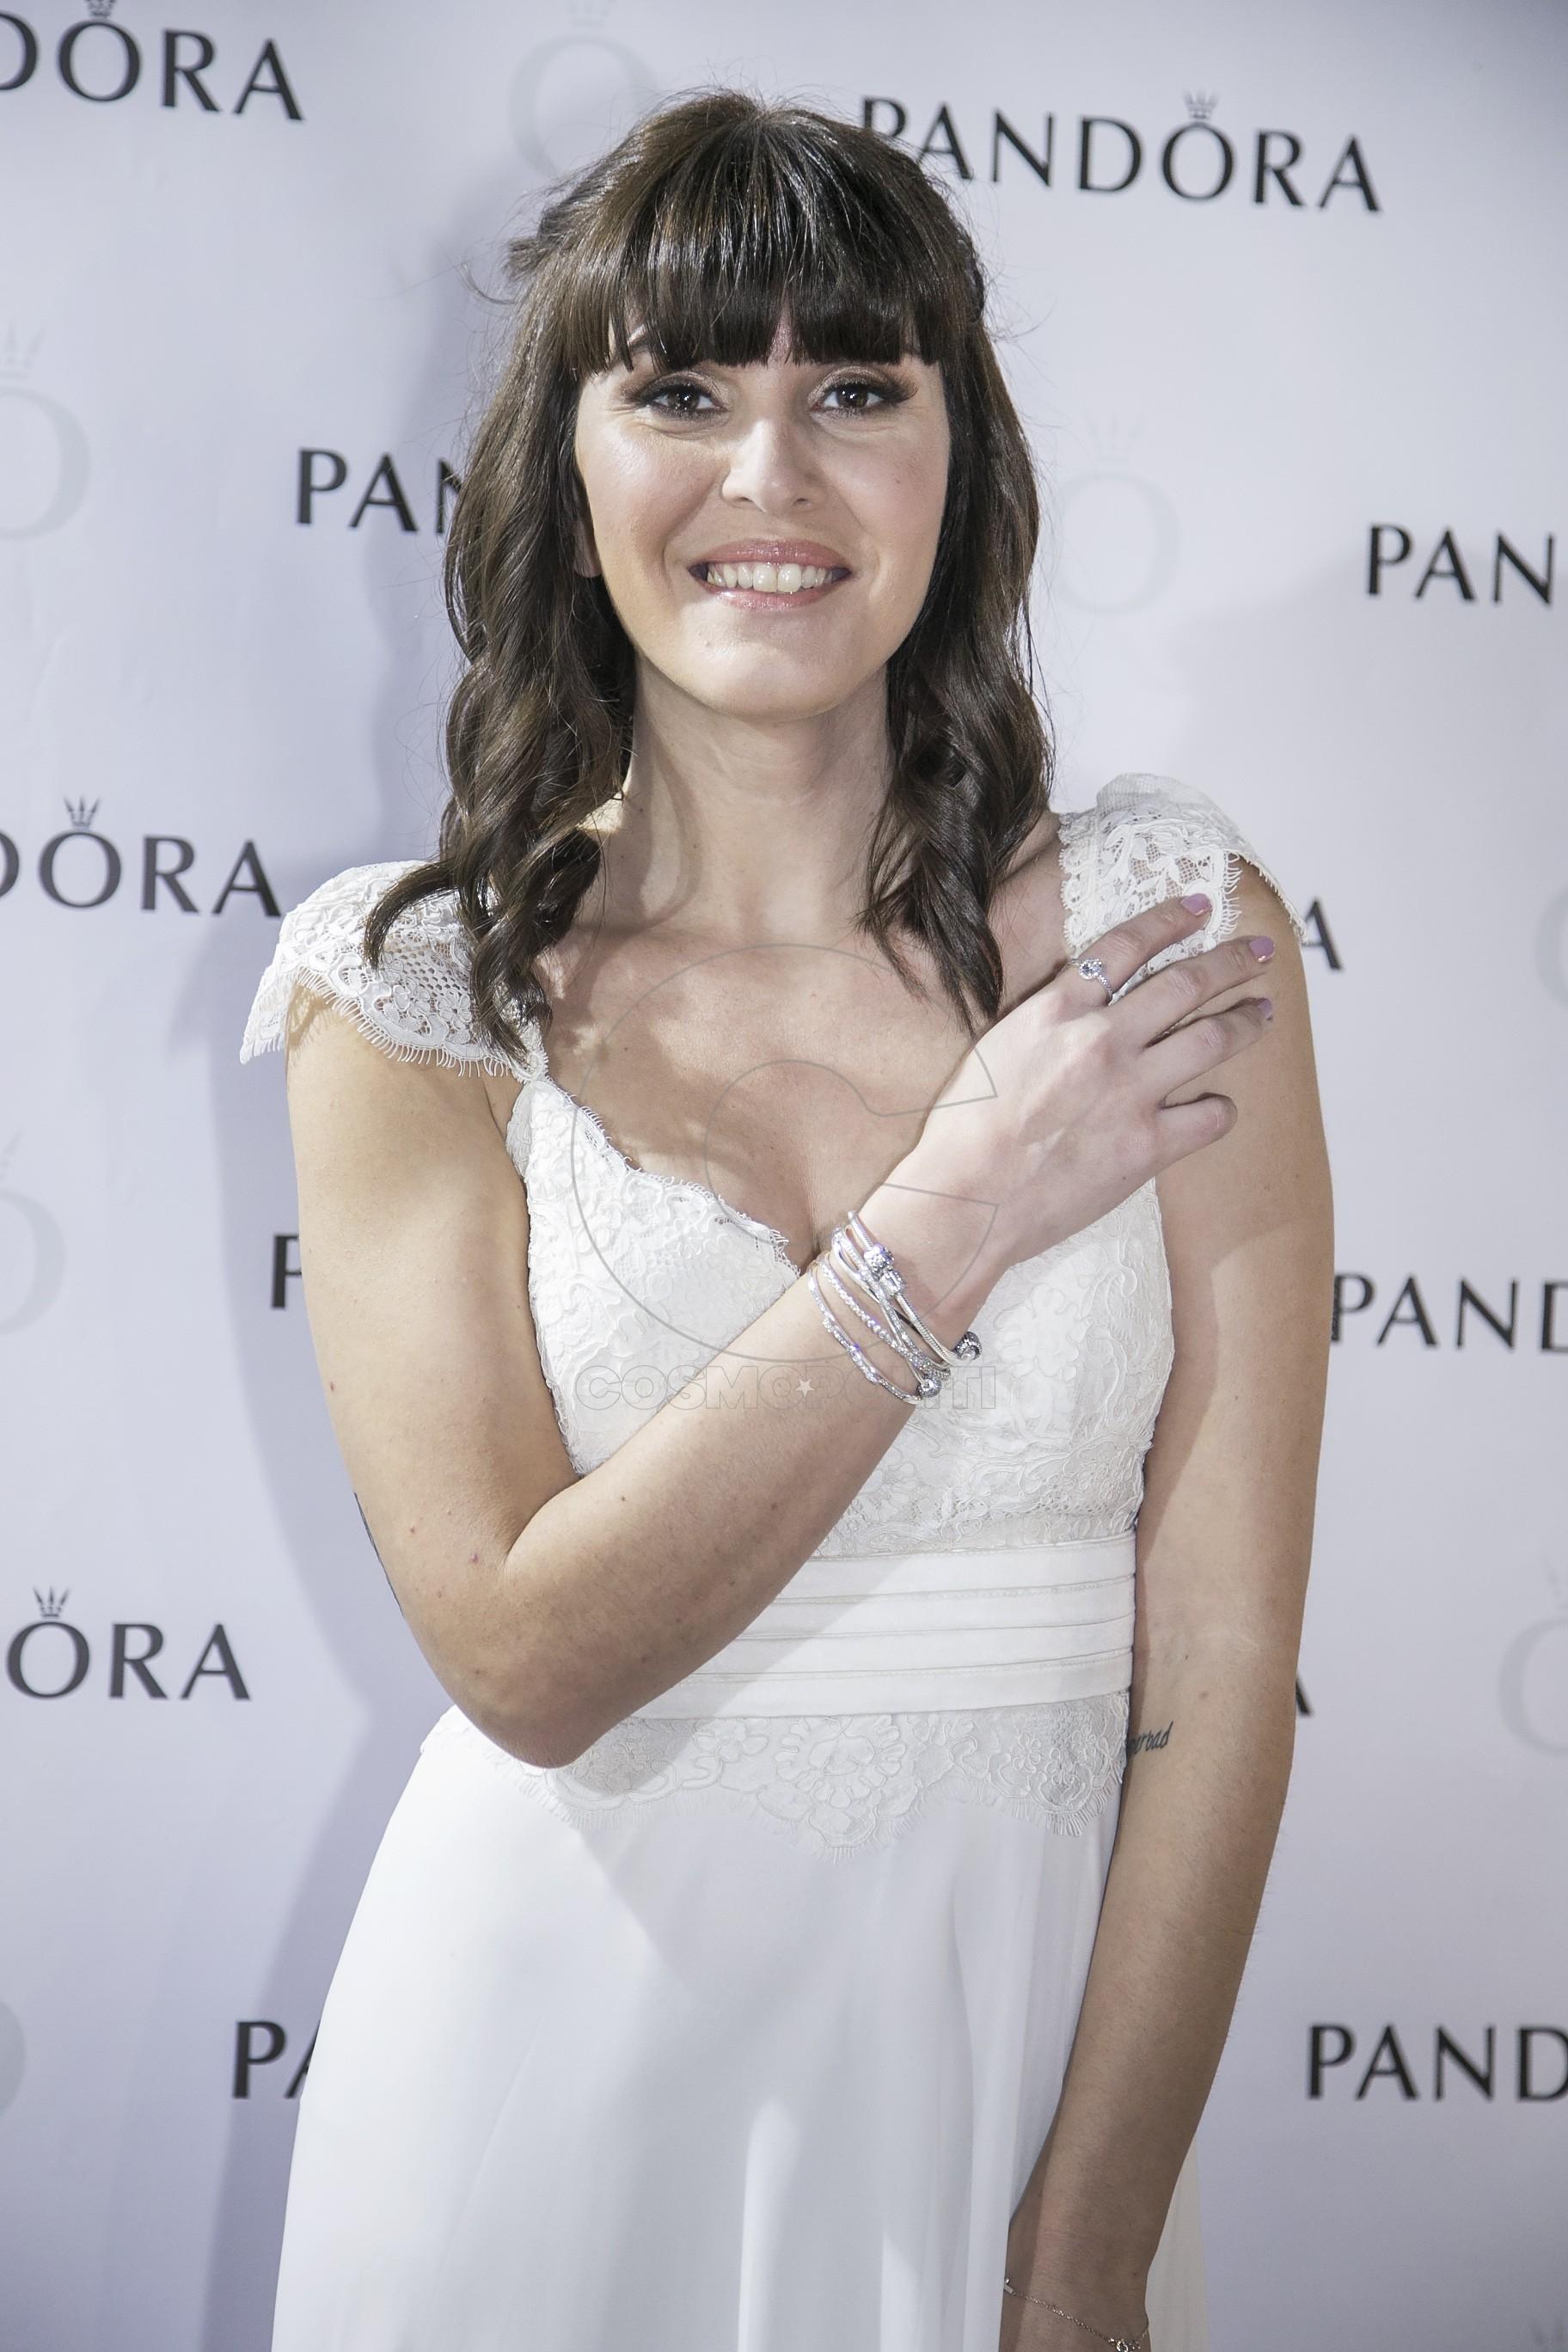 PANDORA (37)